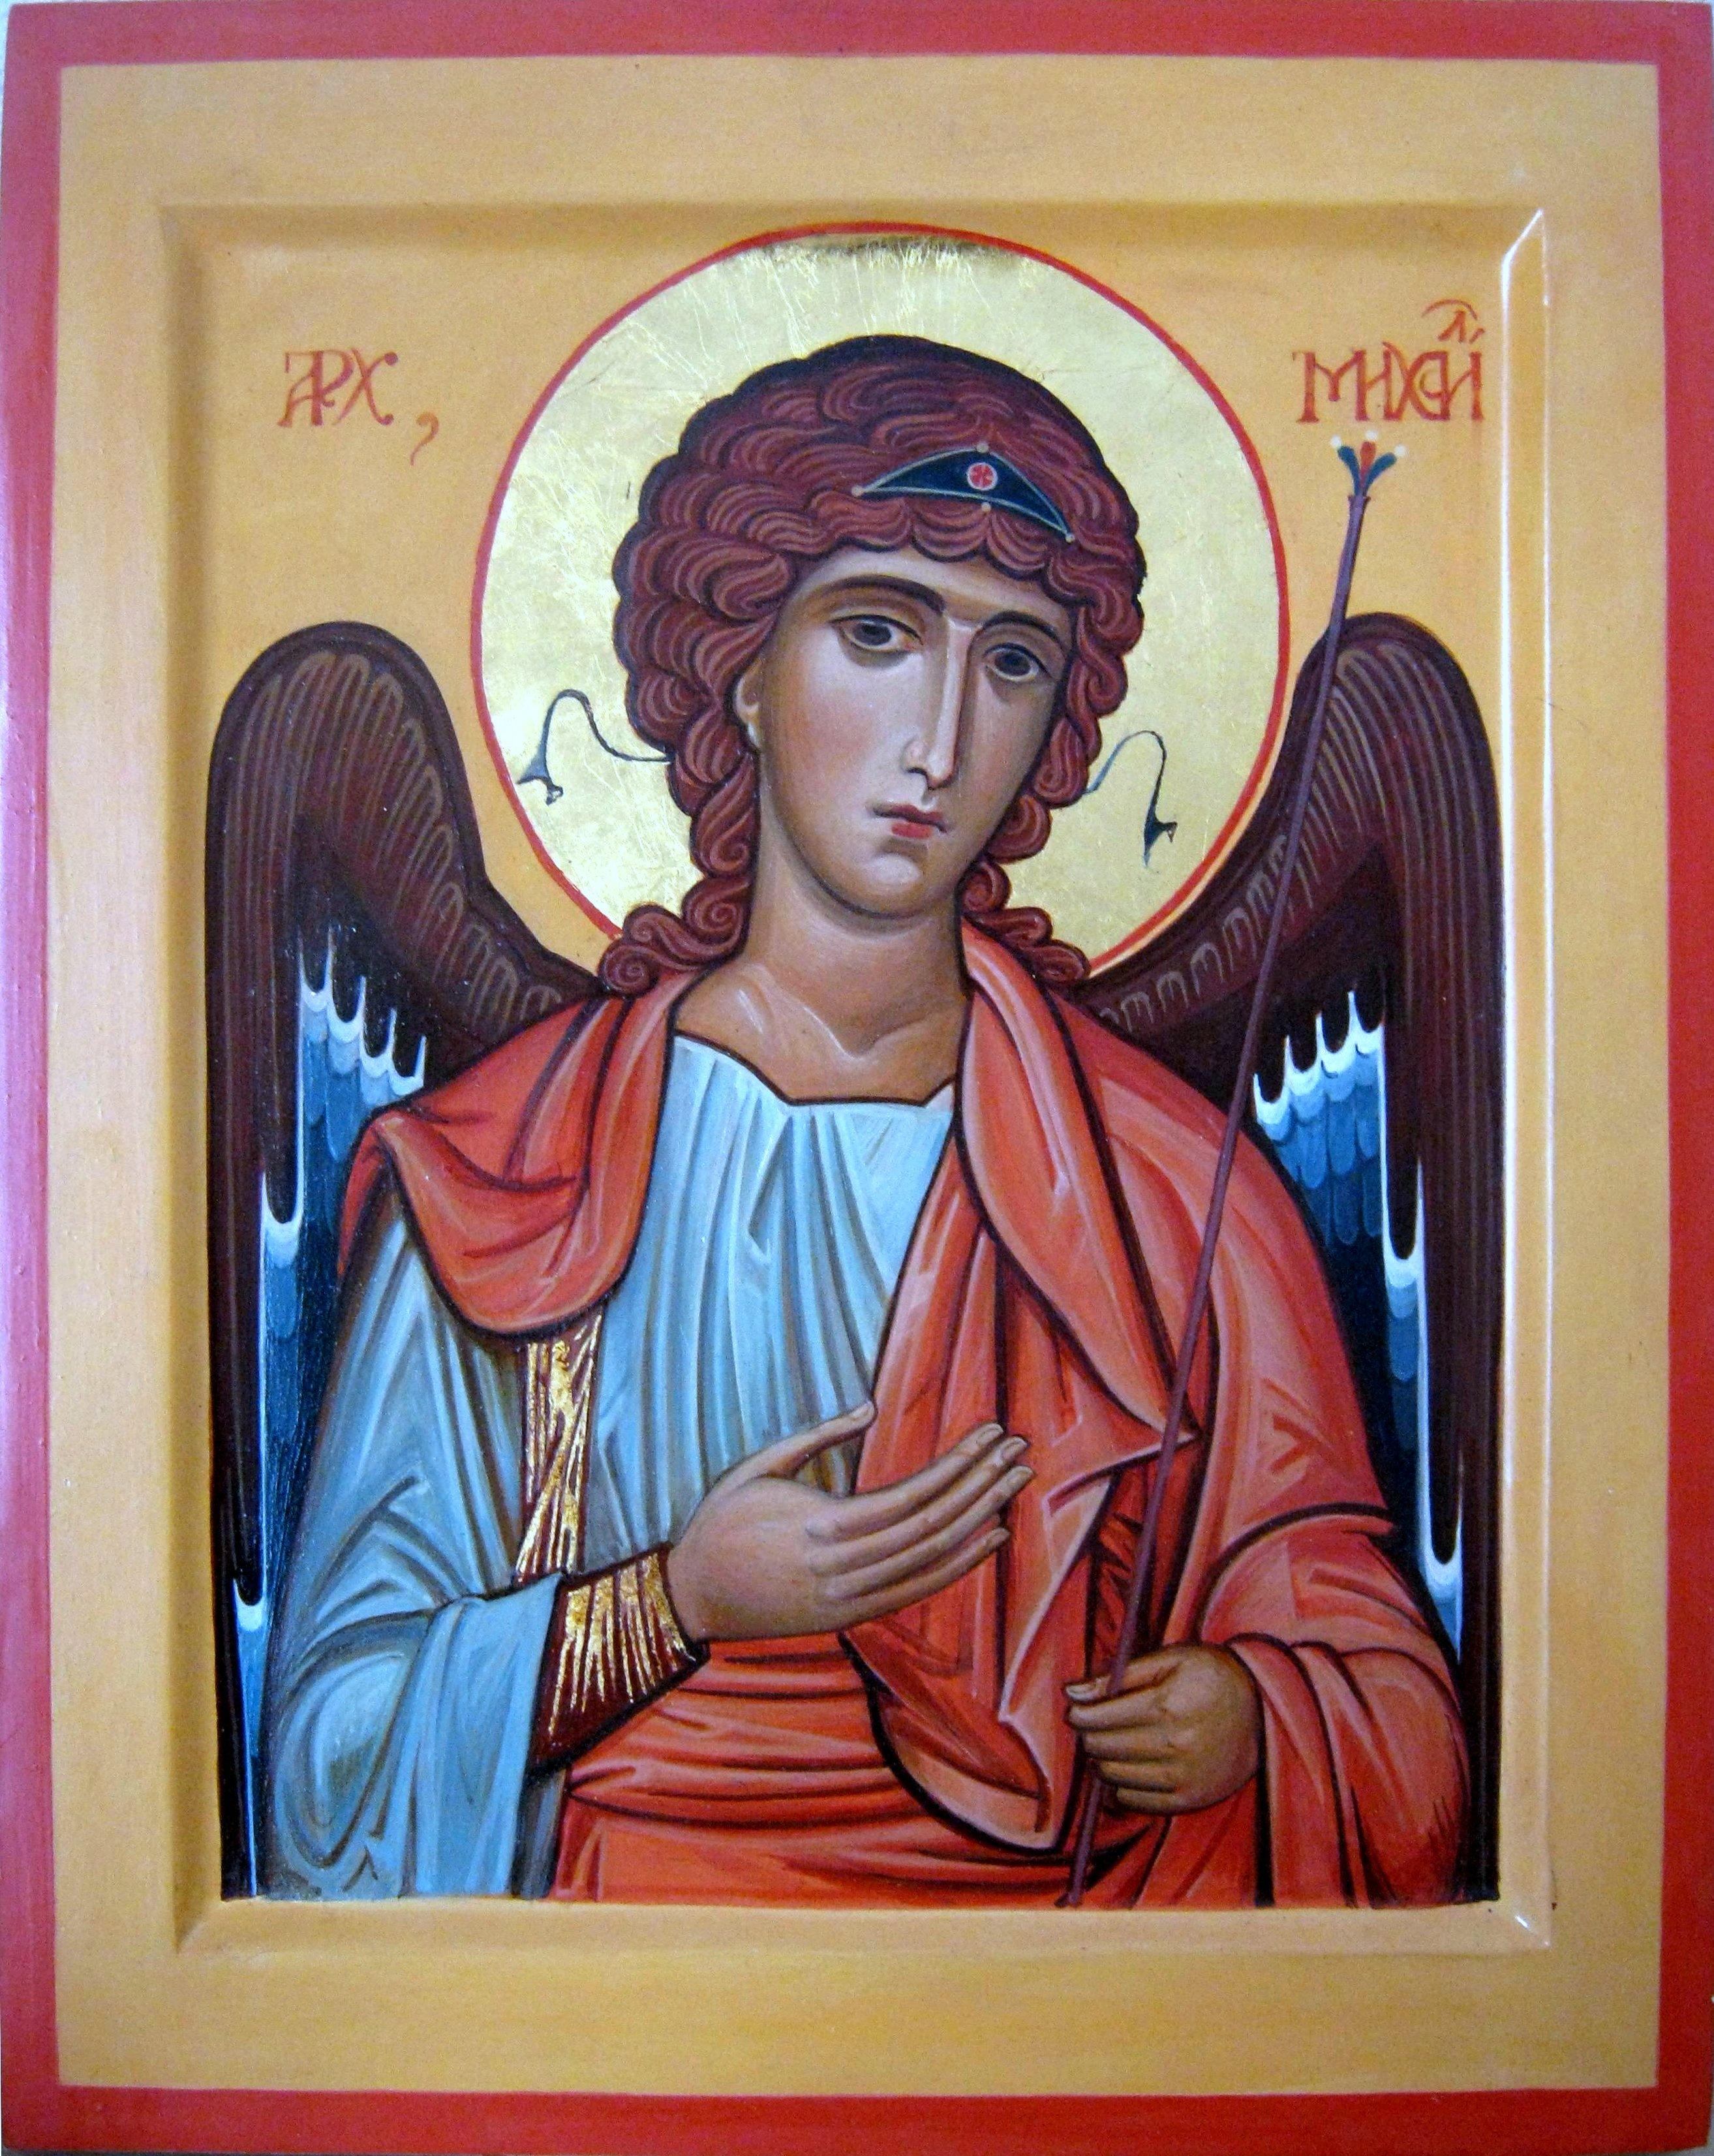 Какой сегодня праздник 21 ноября 2019: церковный праздник Михайлов день отмечают в России